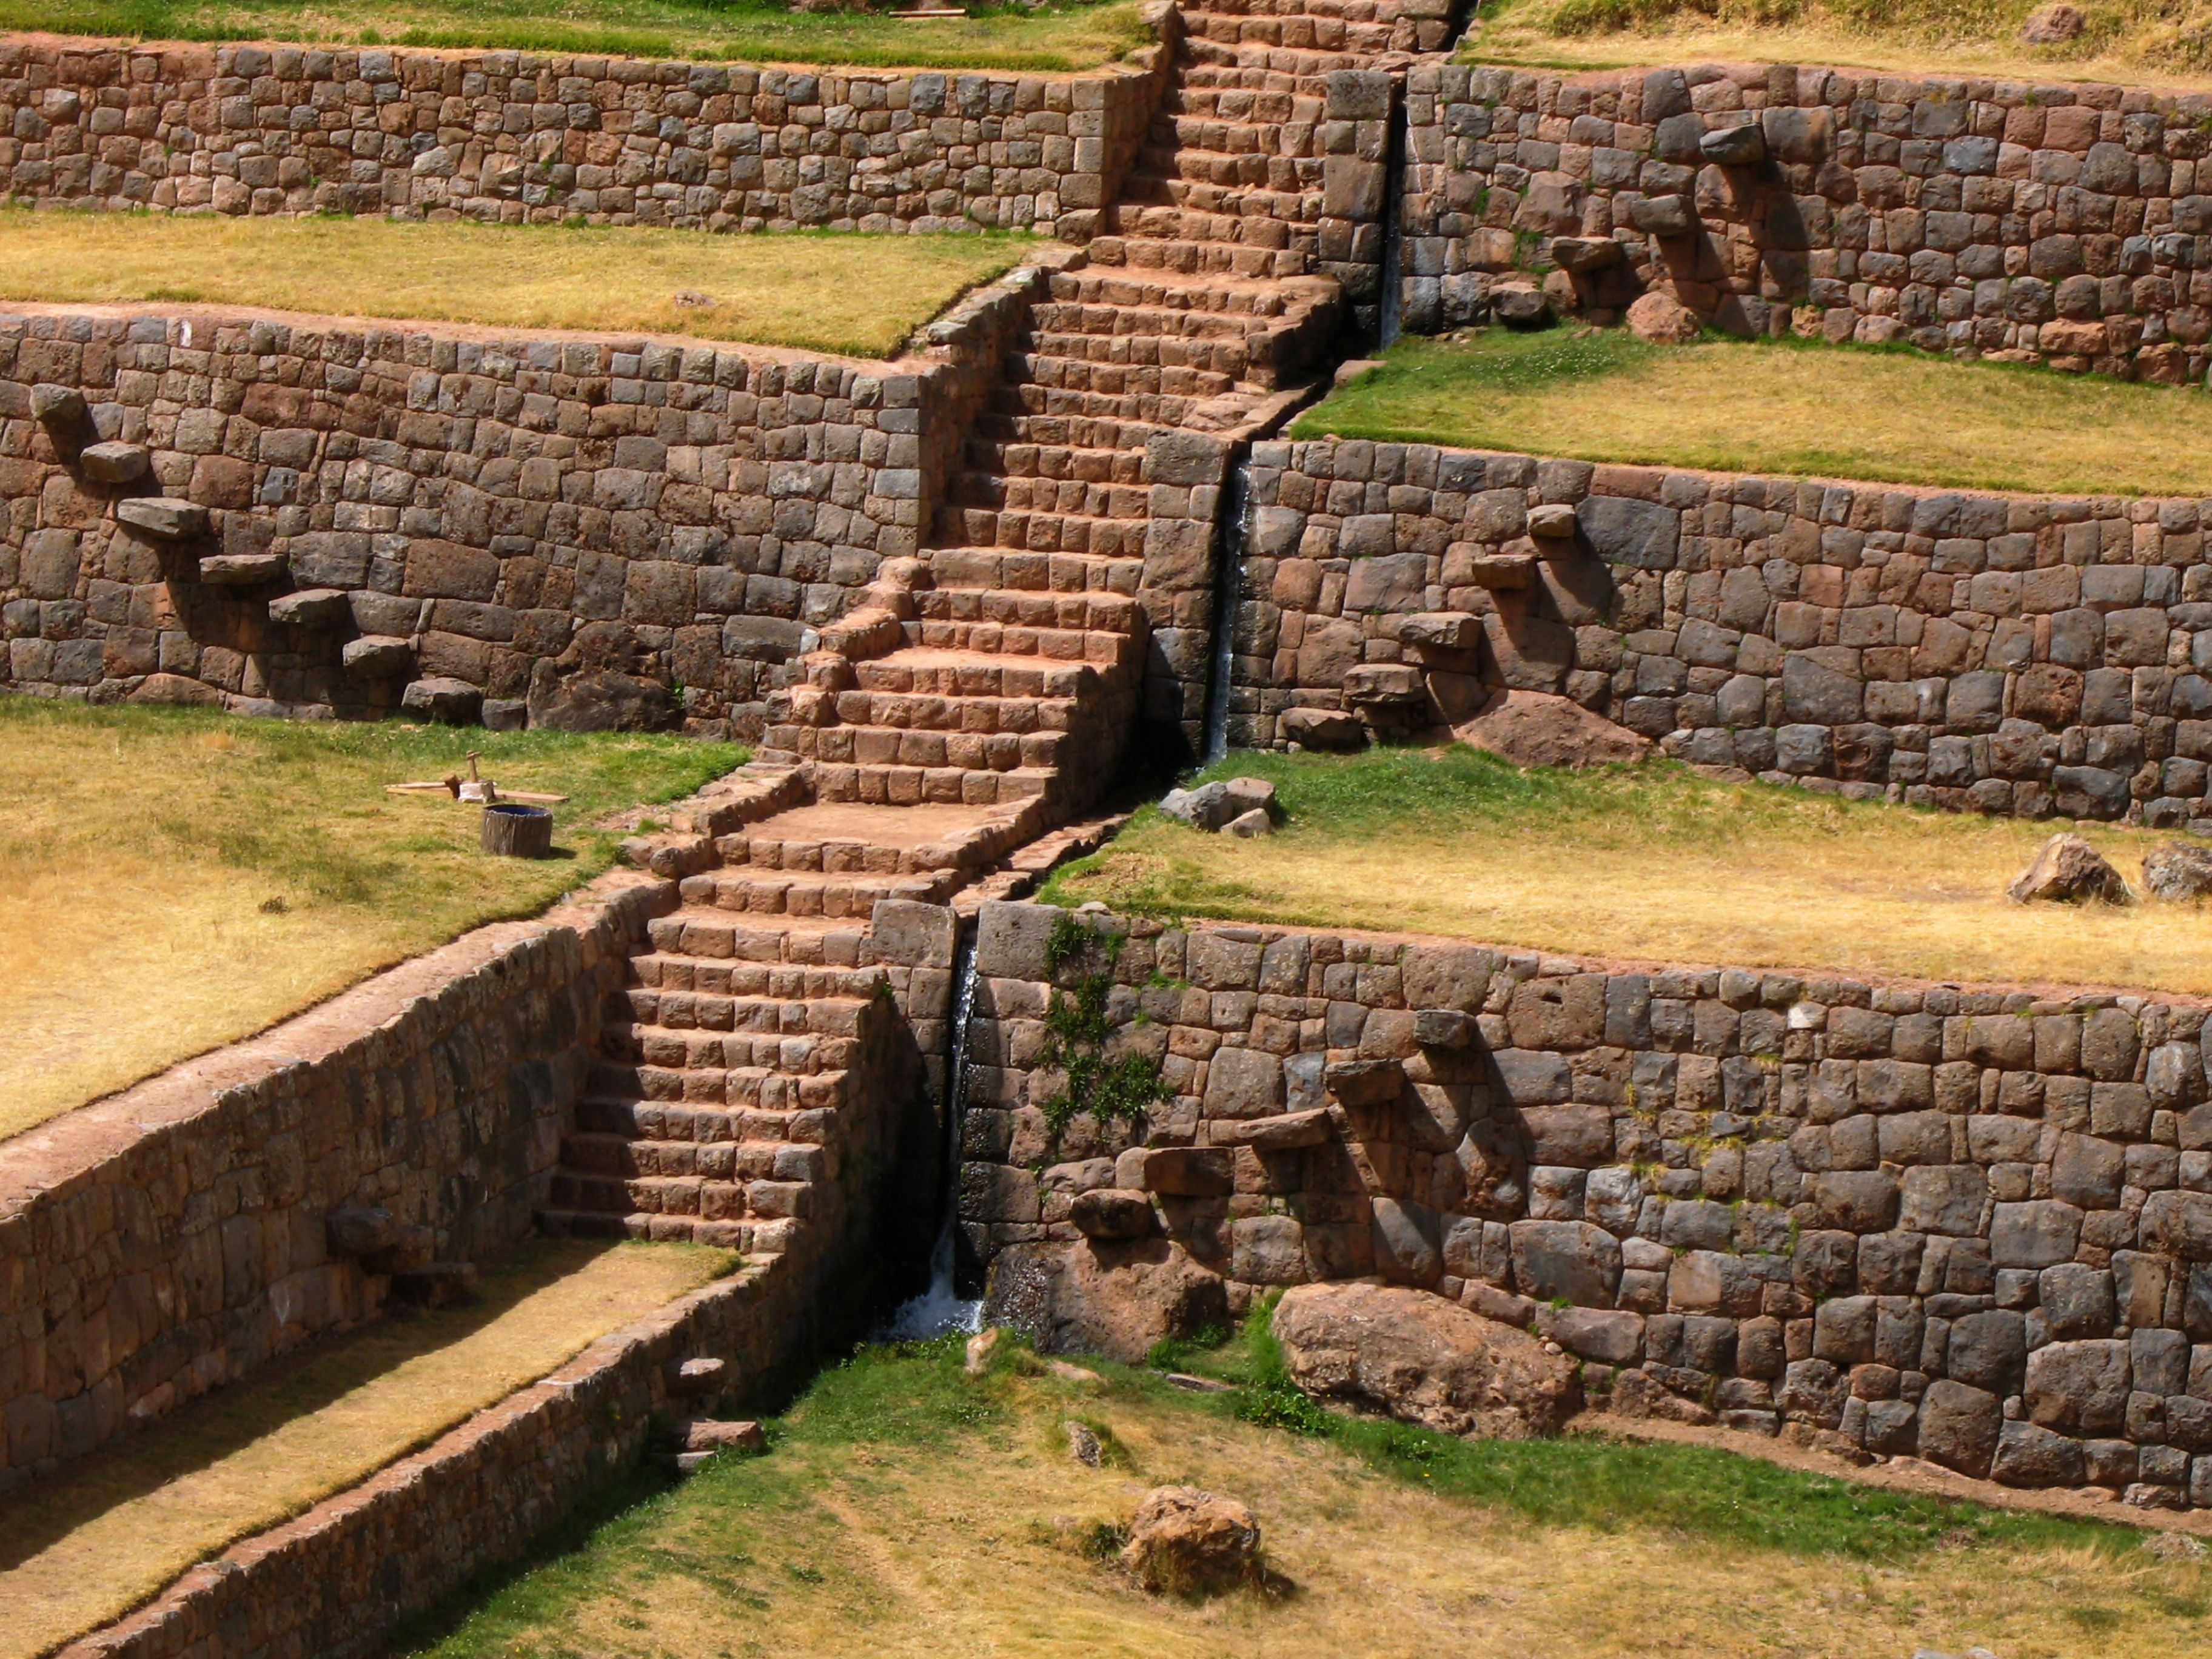 Centro arqueologico en cusco